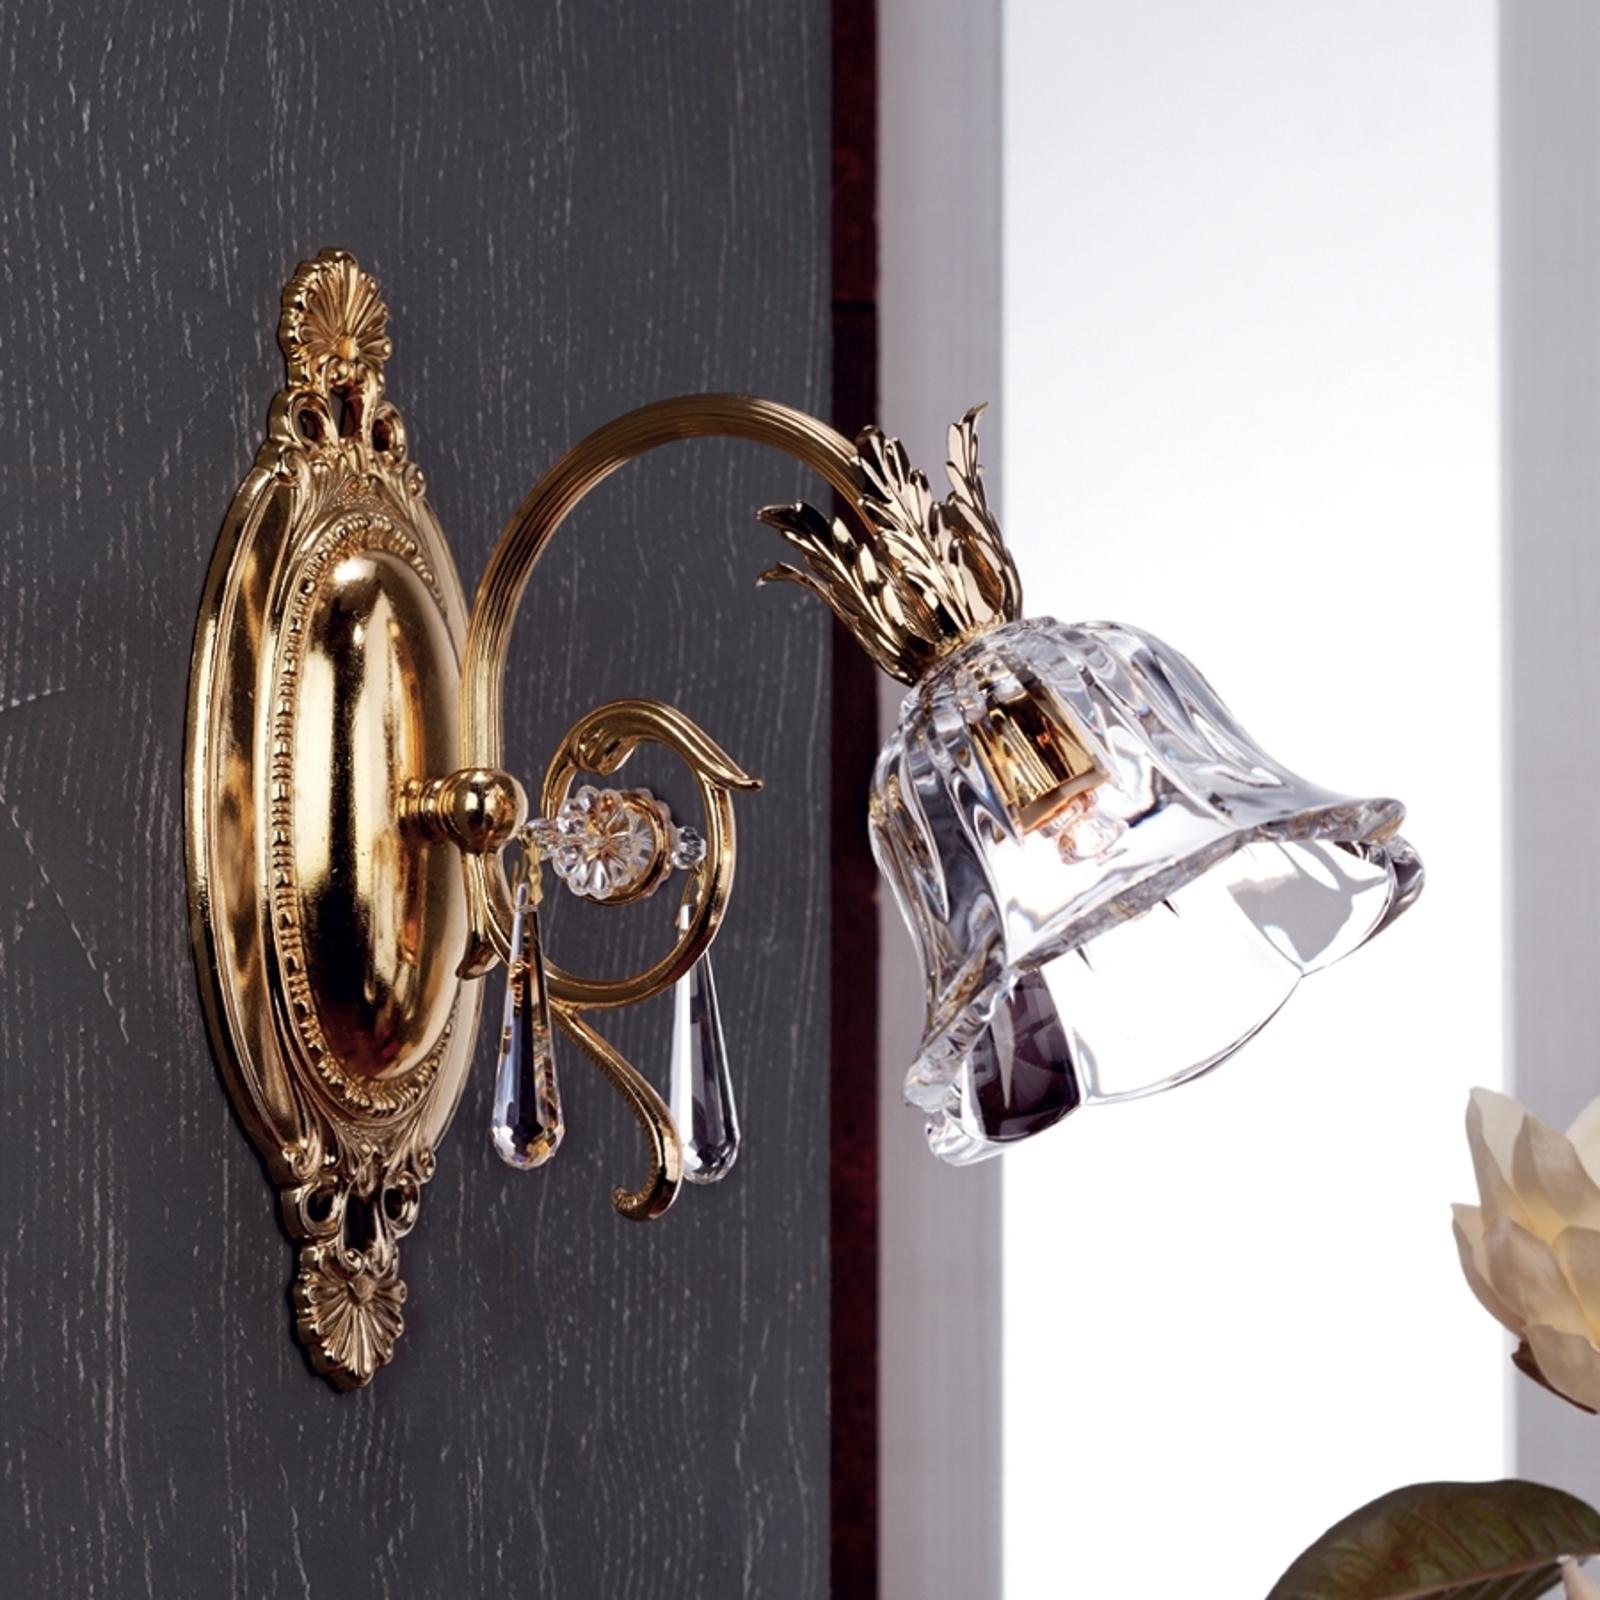 Lampa ścienna KAISA zdobiona 24-karatowym złotem